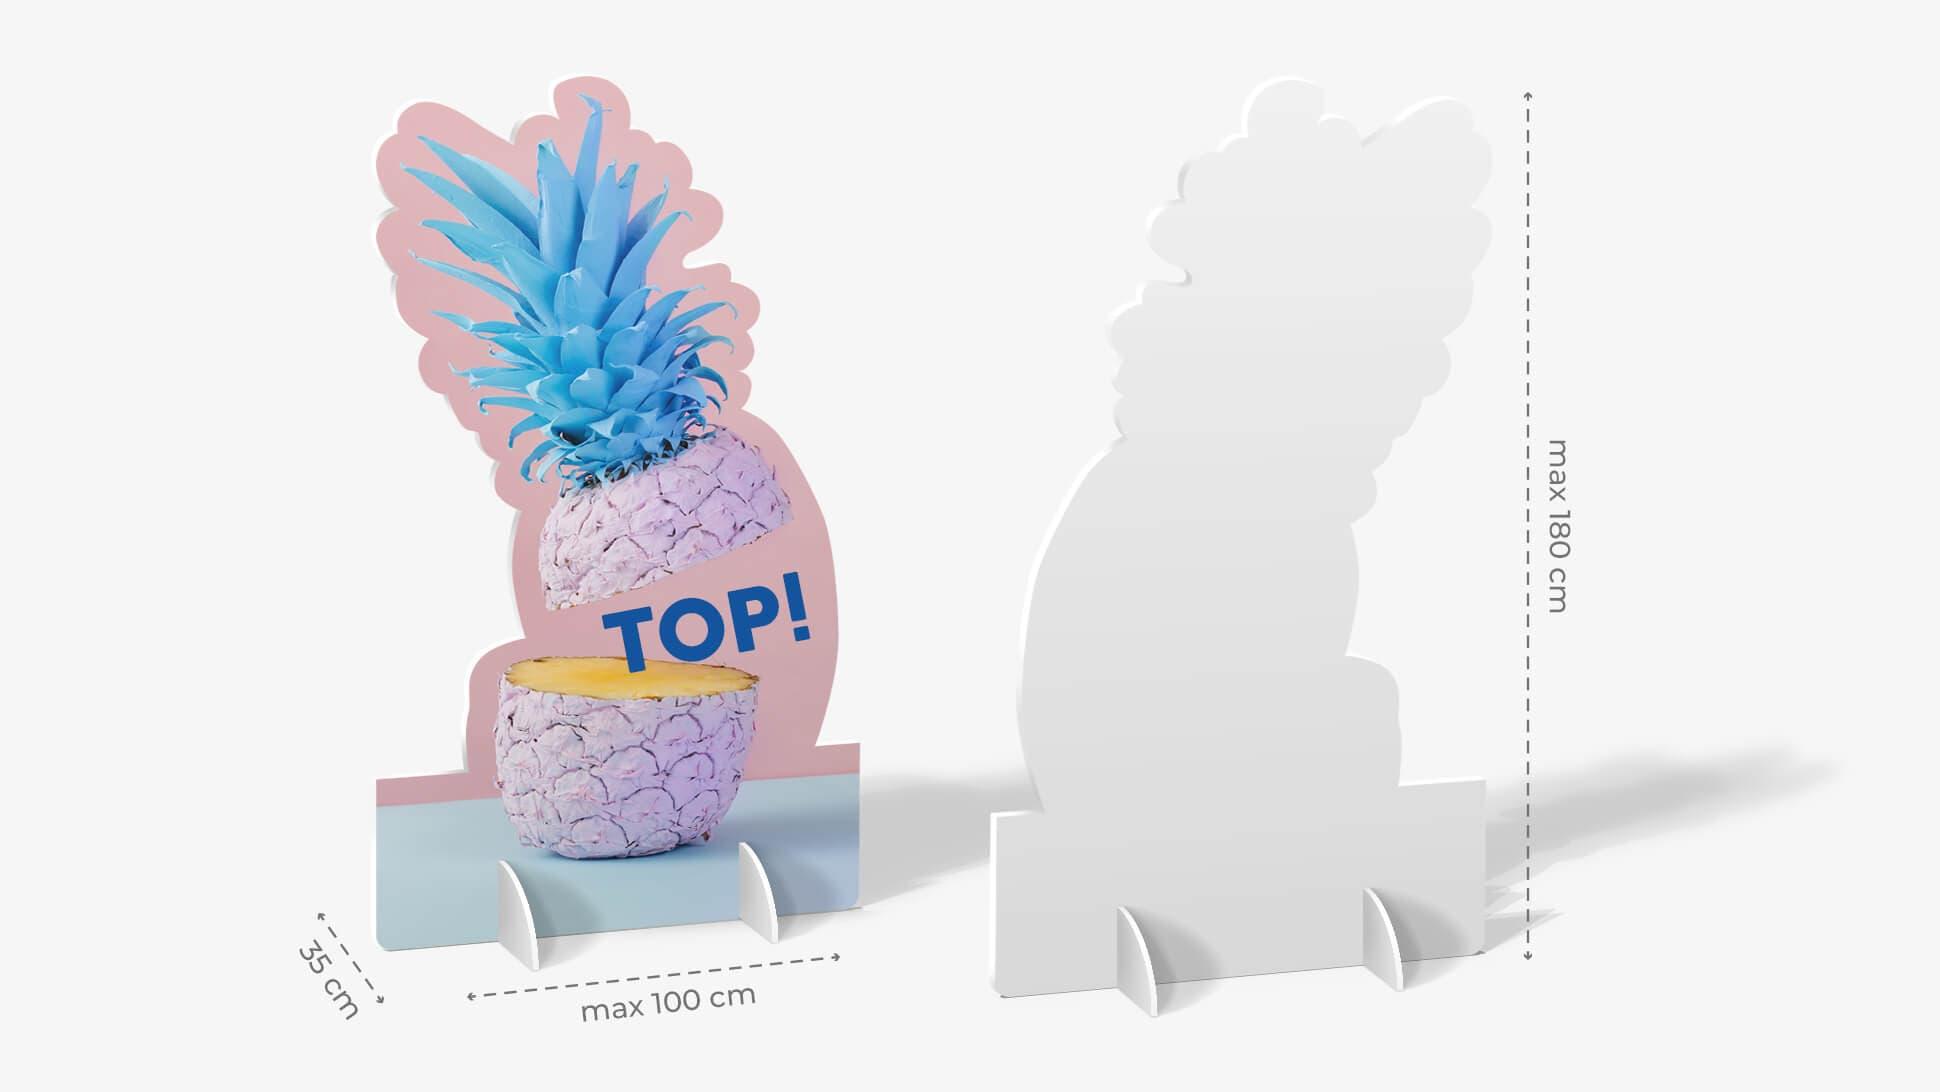 Sagomato in laminil grafica personalizzabile | tictac.it